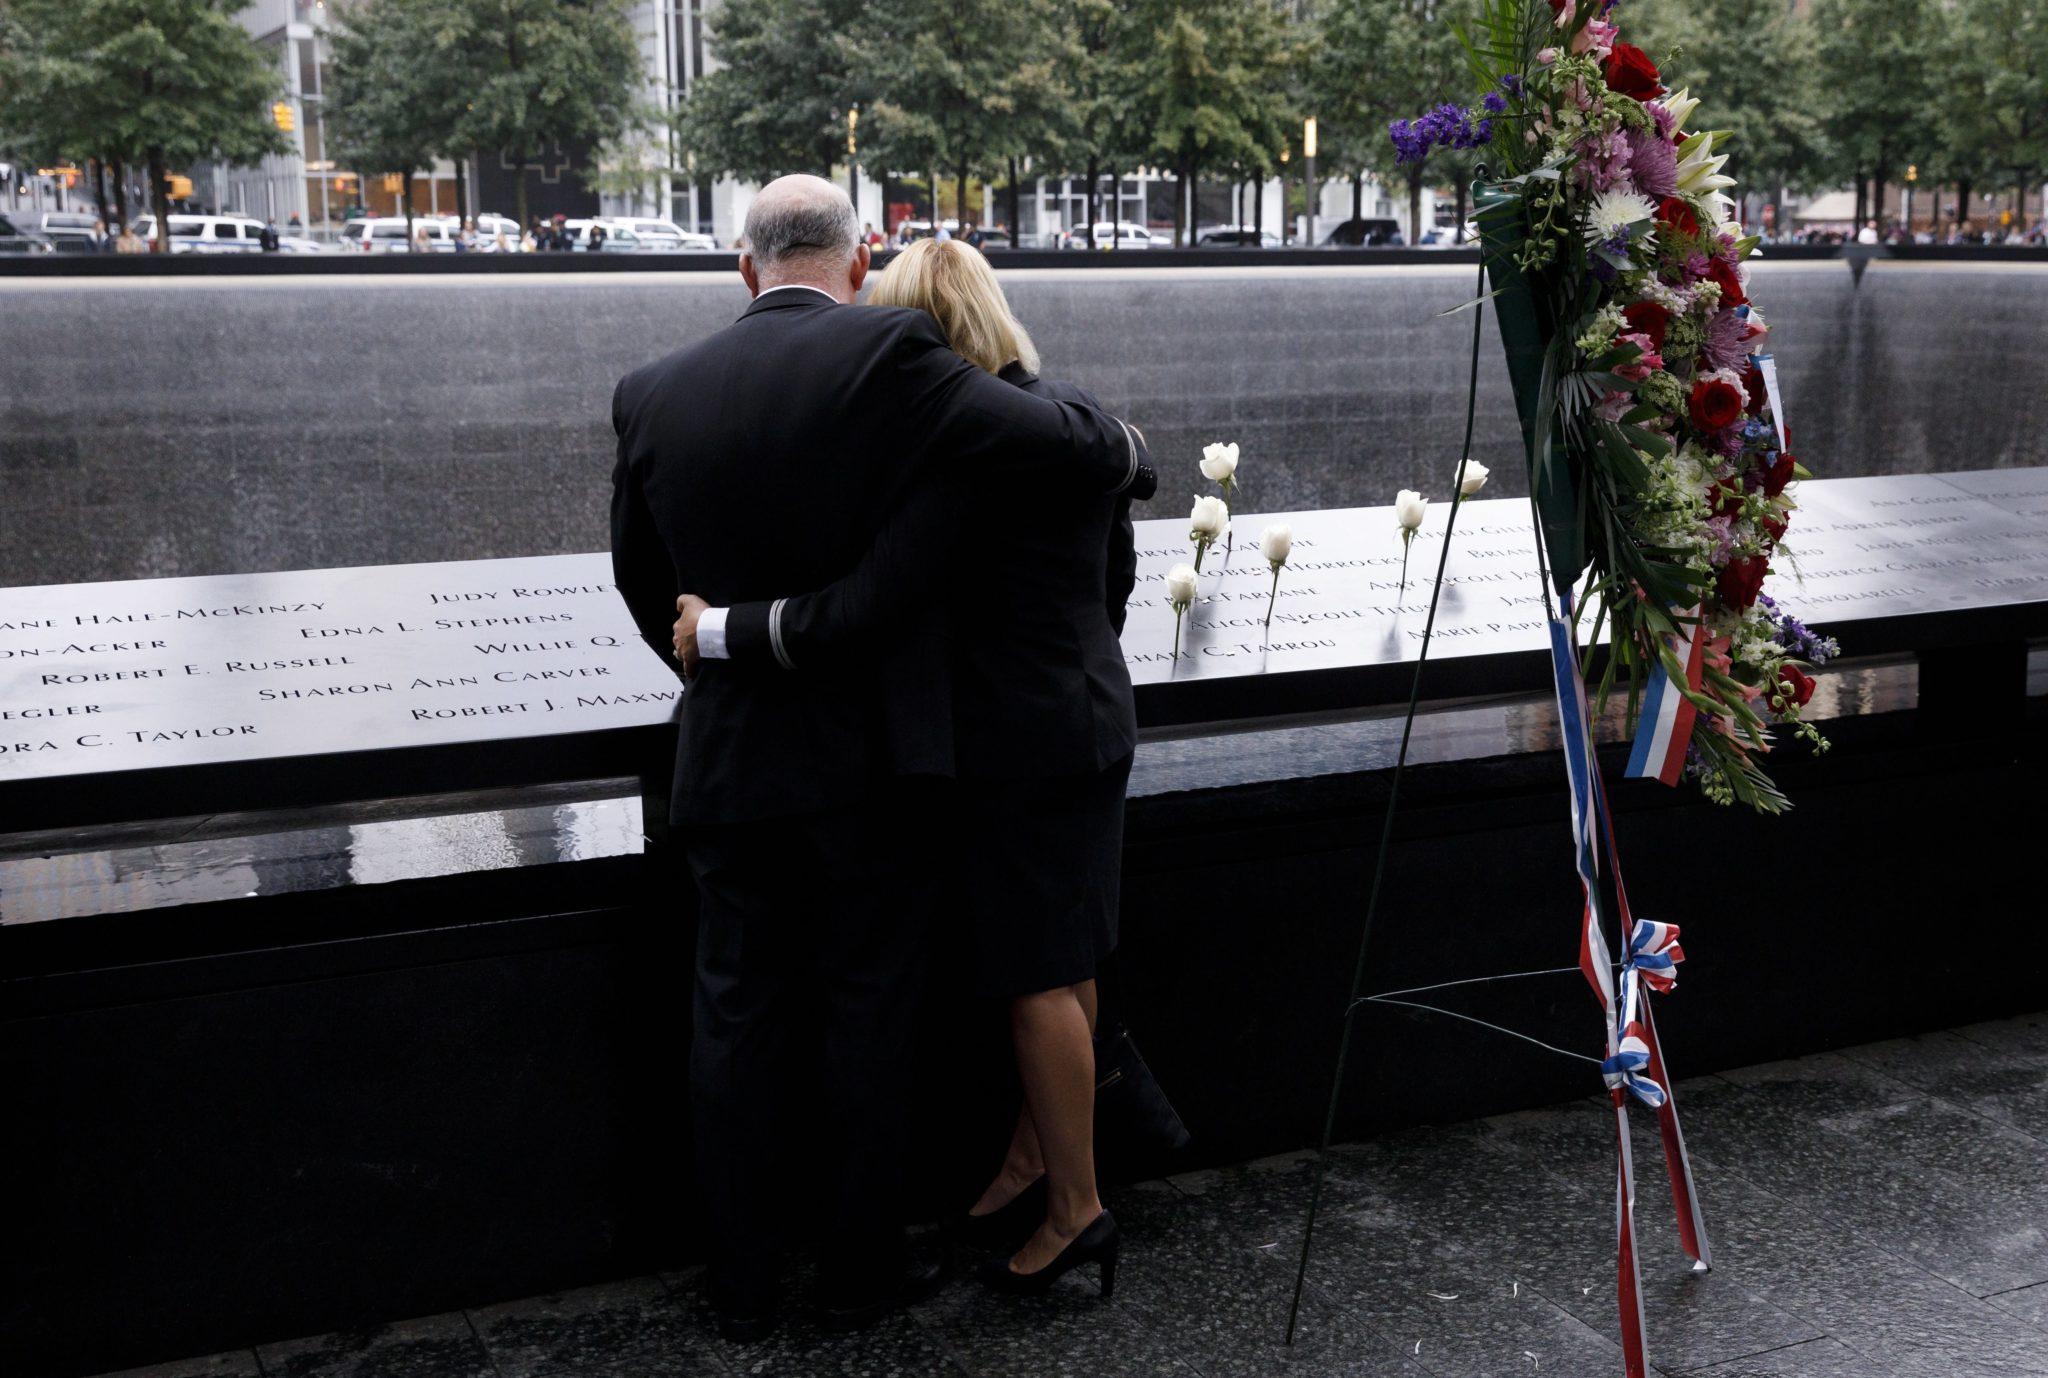 Memoriał 9/11, dziś mija 17. rocznica ataków terrorystycznych na World Trade Center, fot. Justin Lane, PAP/EPA